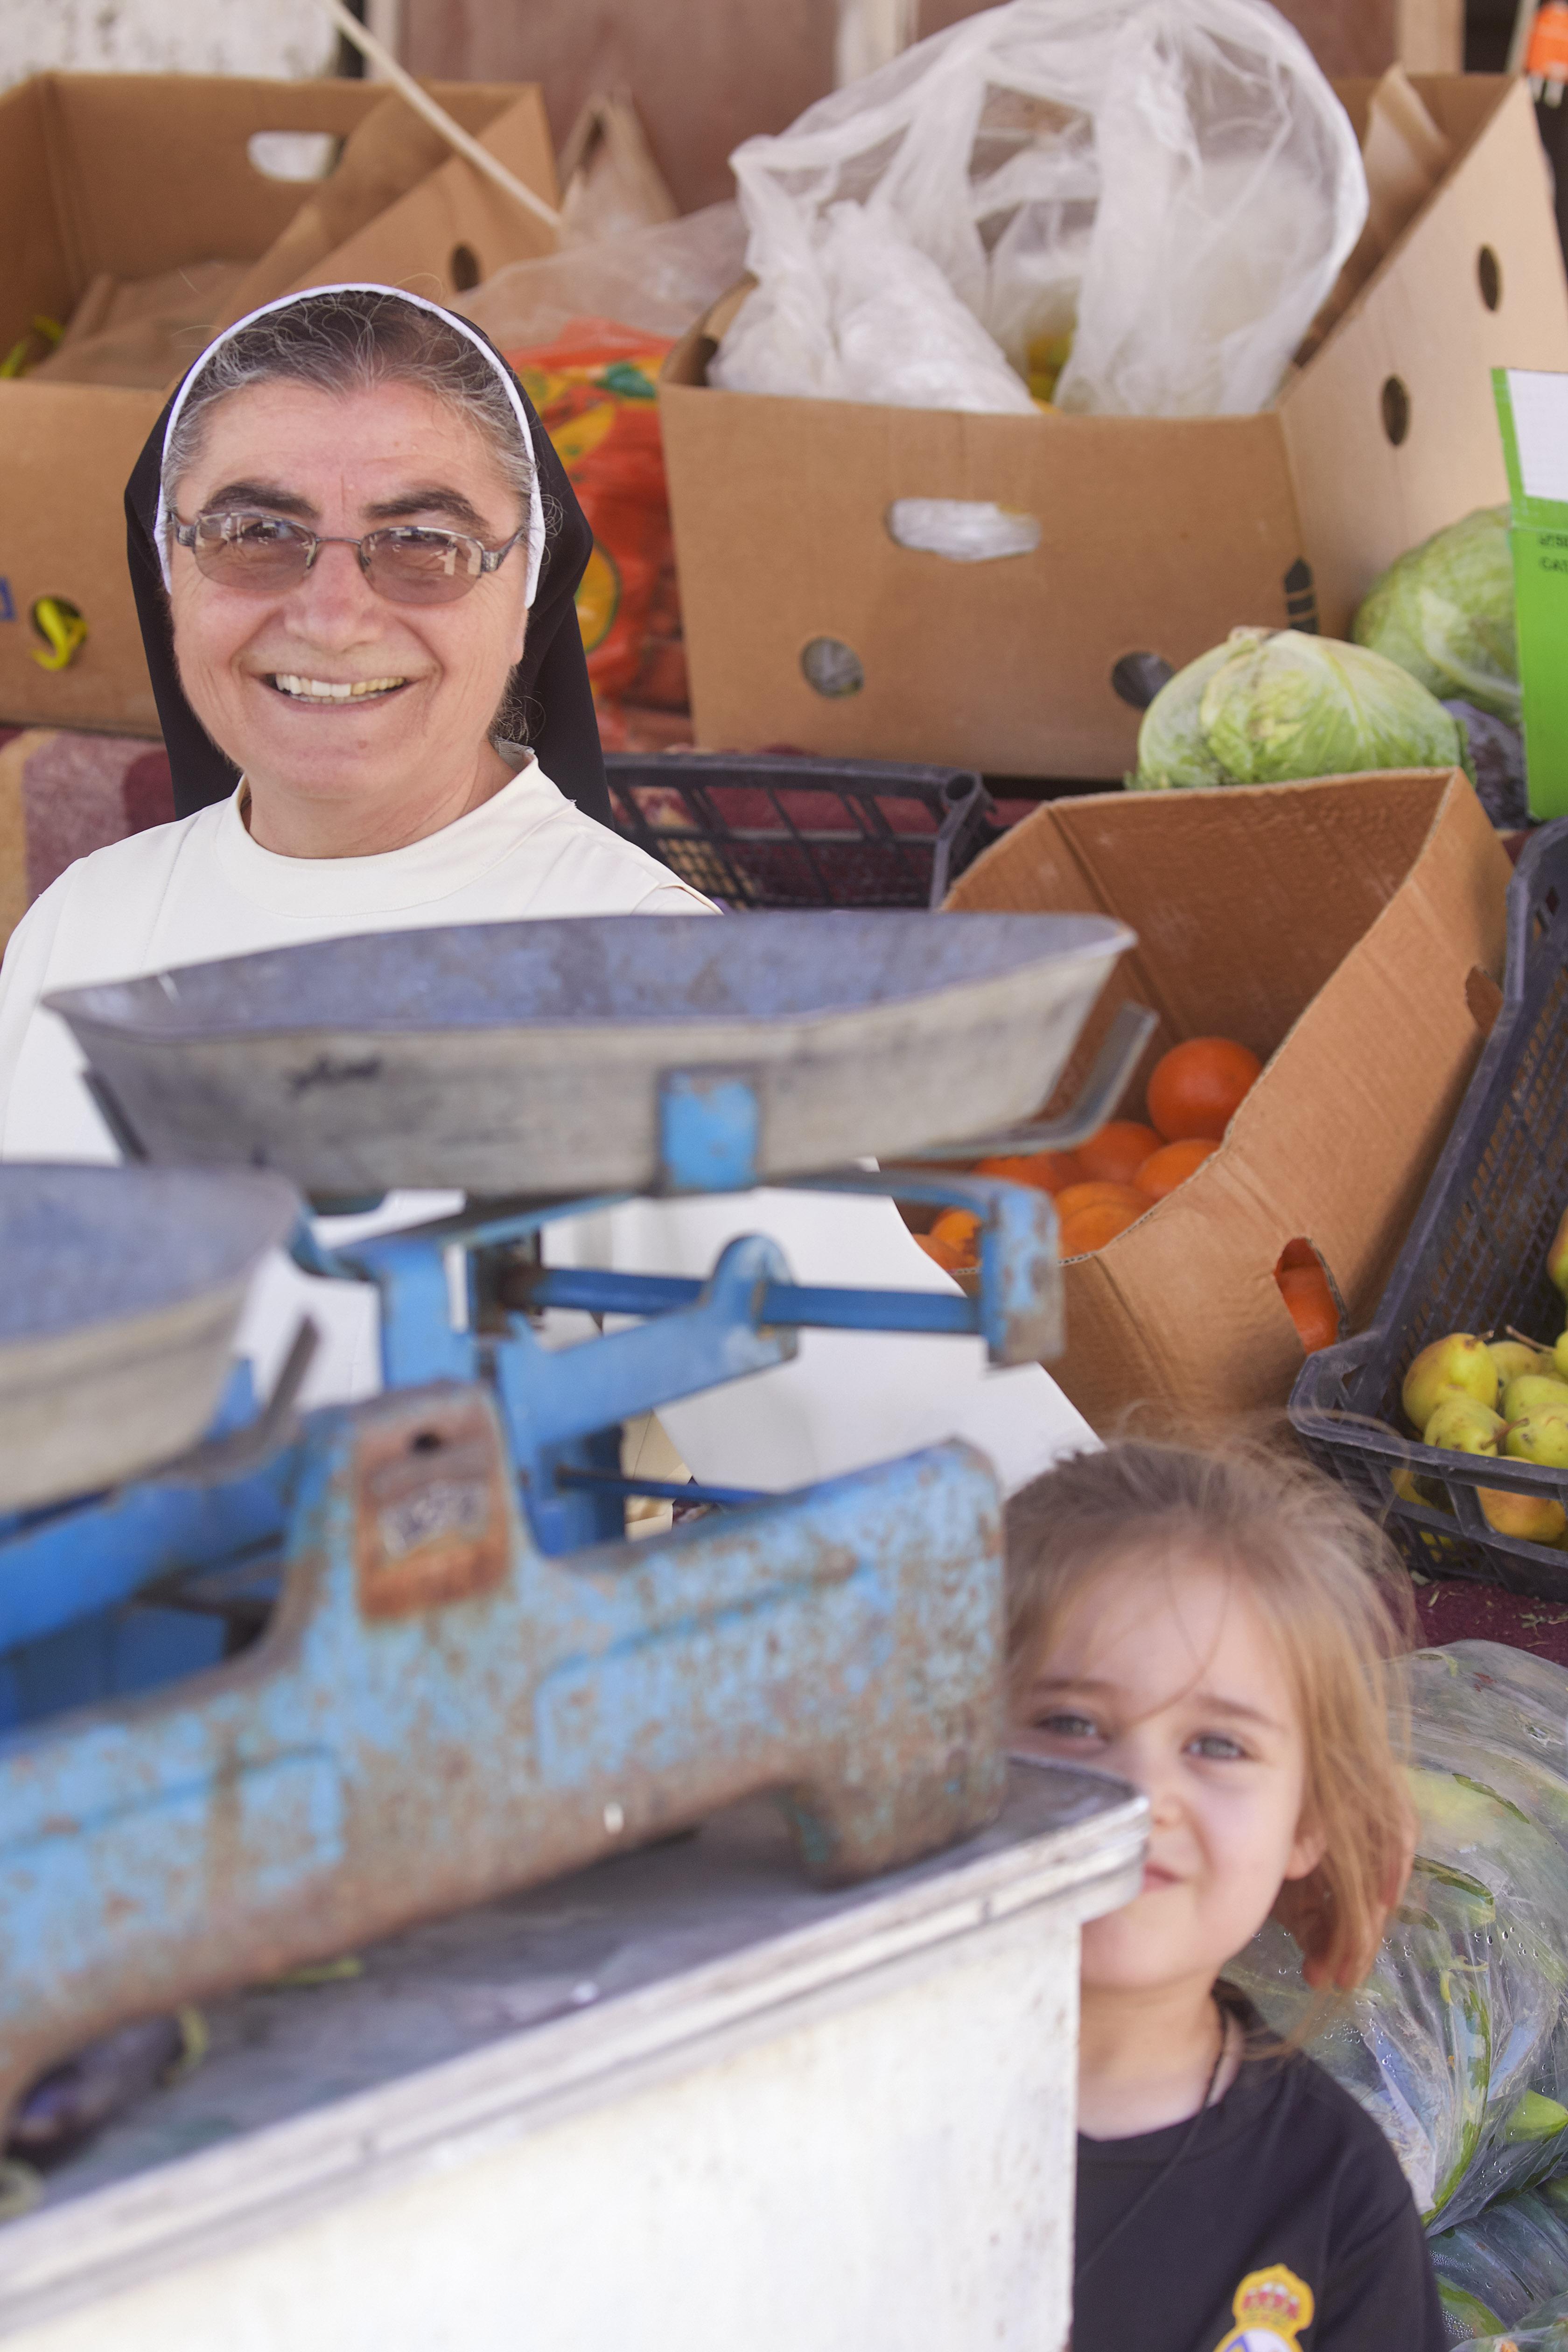 Irak: La Hna. Ilham ofrece a los niños un lugar seguro cerca de Mosul